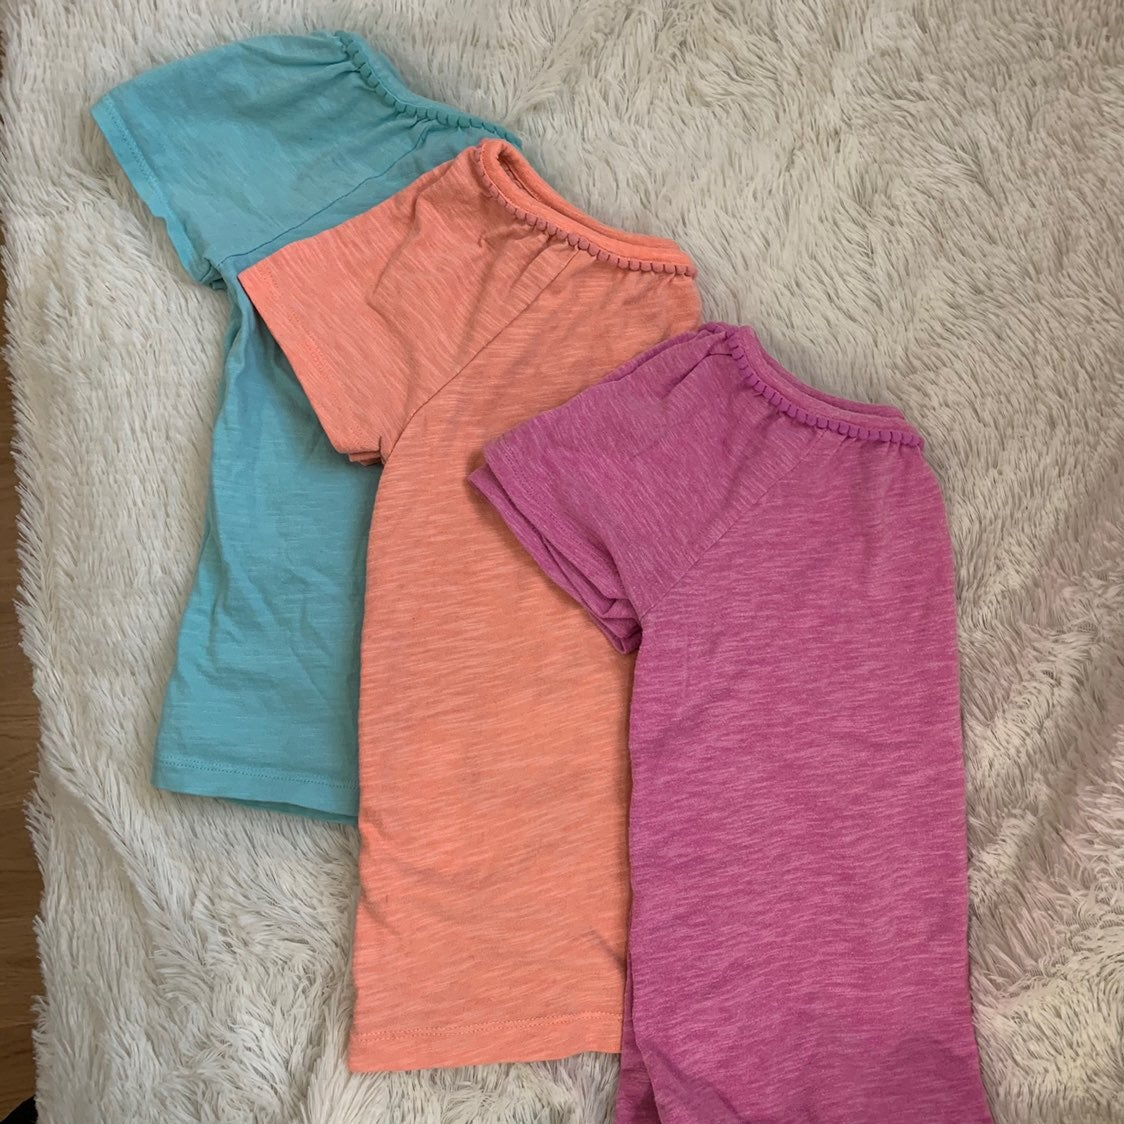 Carter's Girls 6X T-Shirt 3pc Bundle